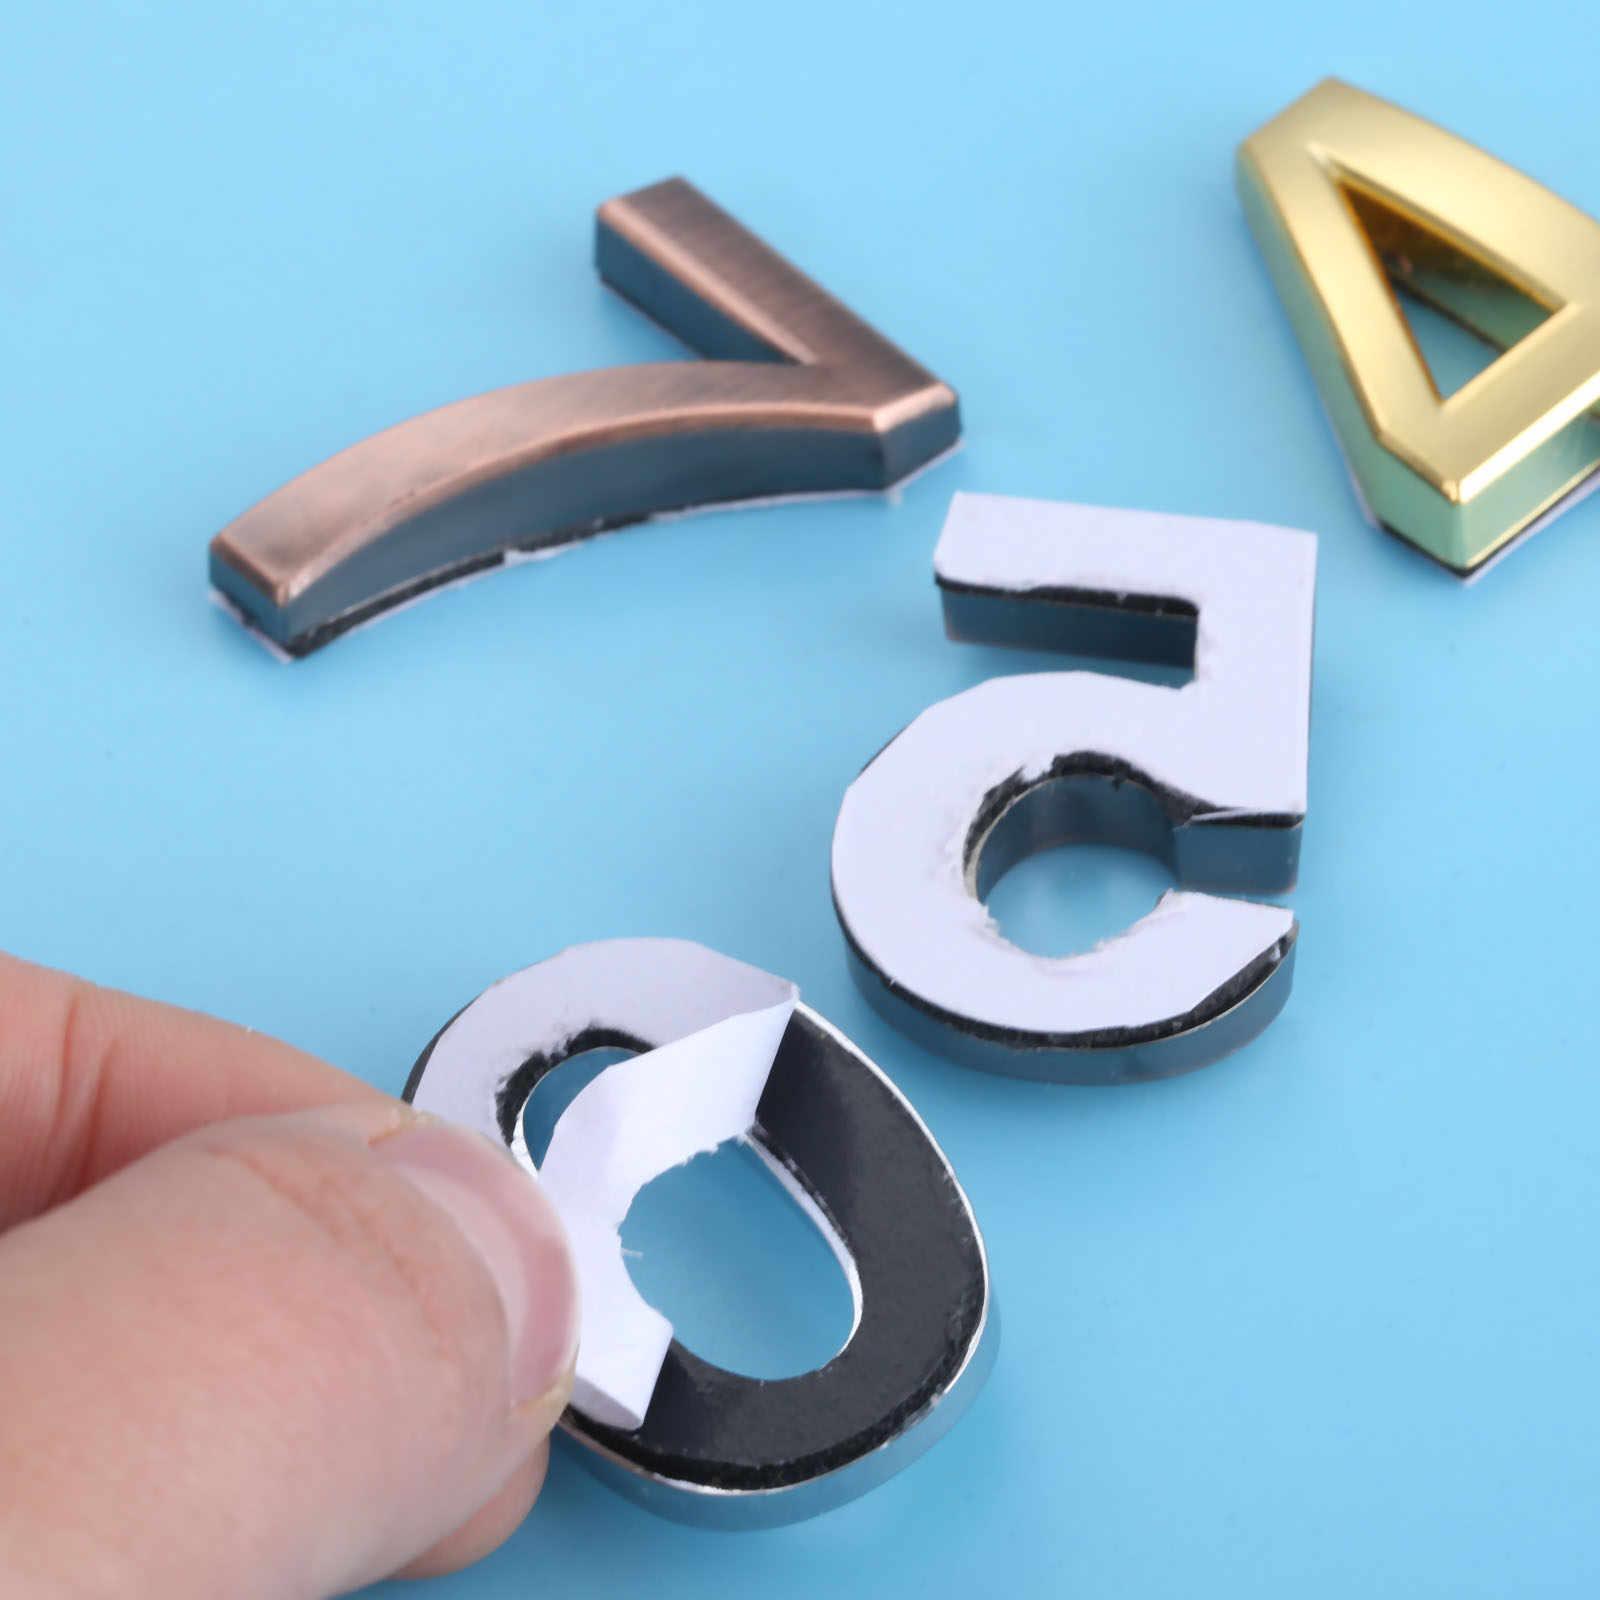 35mm Nhựa ABS Bạc Tự Dính 0-9 Cong Cửa Số Tùy Chỉnh Nhà Địa Chỉ Ký